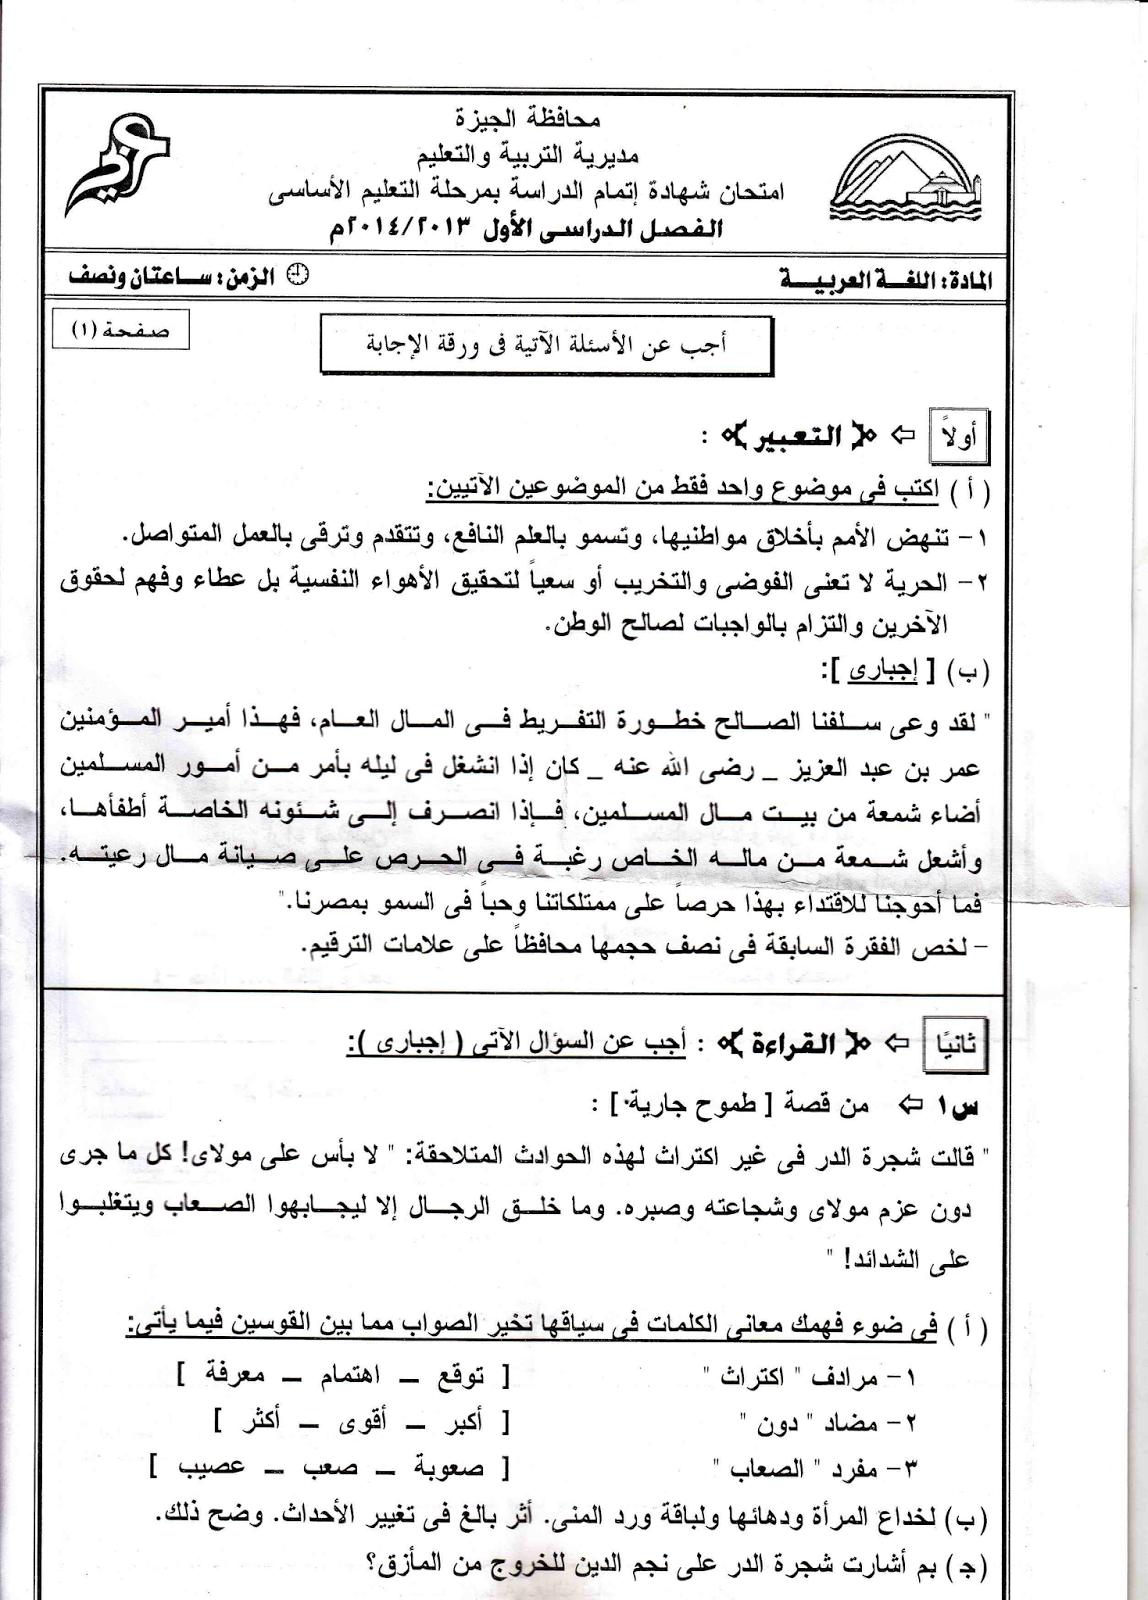 لامتحان نصف العام 2015_امتحان لغة عربية 3 اعدادى الجيزة 2015 %D9%84%D8%BA%D8%A9%2B%D8%B9%D8%B1%D8%A8%D9%8A%D8%A9%2B%D8%AC%D9%8A%D8%B2%D8%A9%2B2014_001